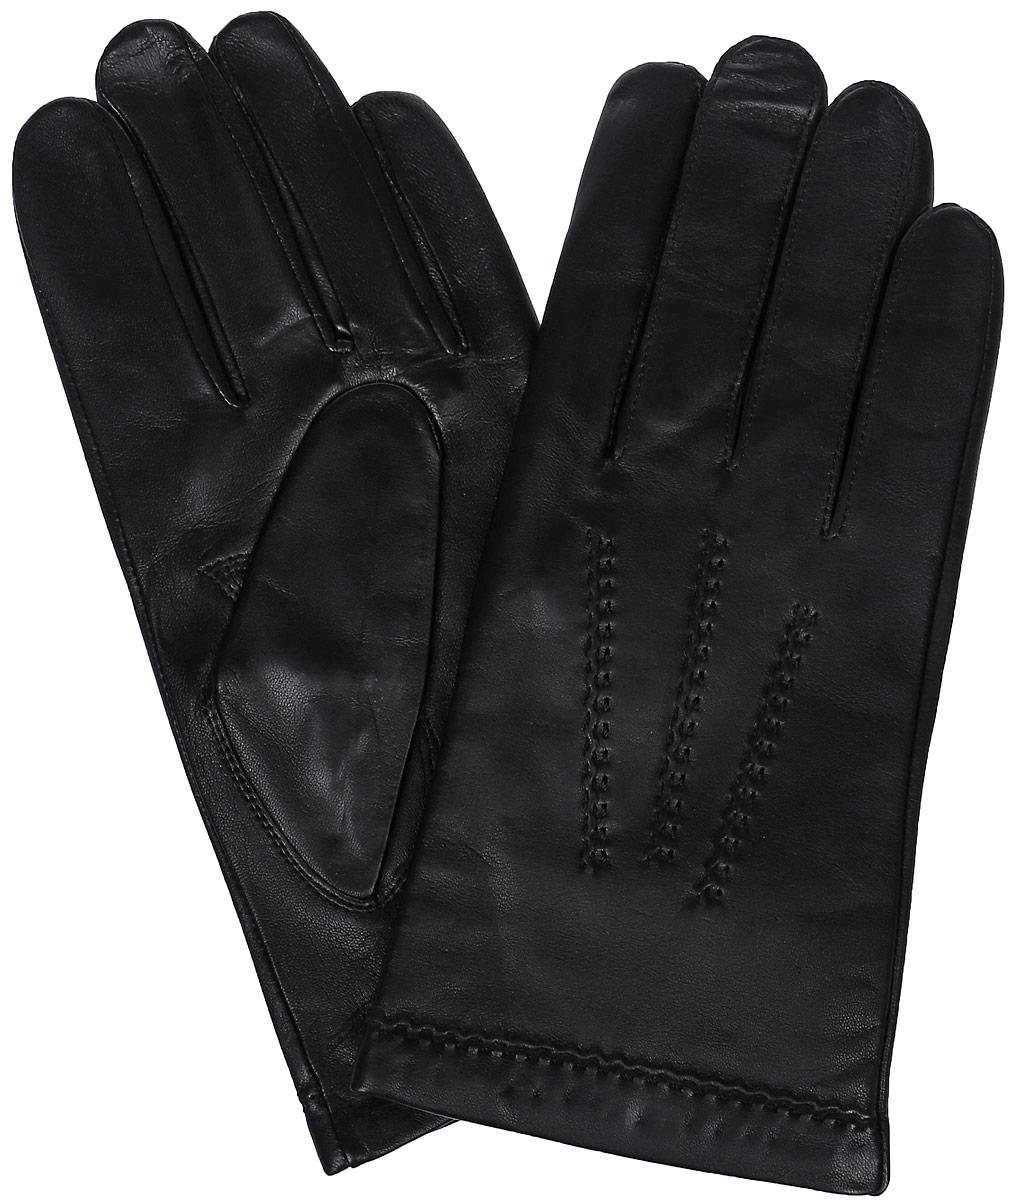 LB-0703Мужские перчатки Labbra выполнены из натуральной кожи и оформлены декоративной прострочкой. Внутренняя поверхность выполнена из шерсти и акрила, которые обеспечат тепло и комфорт.